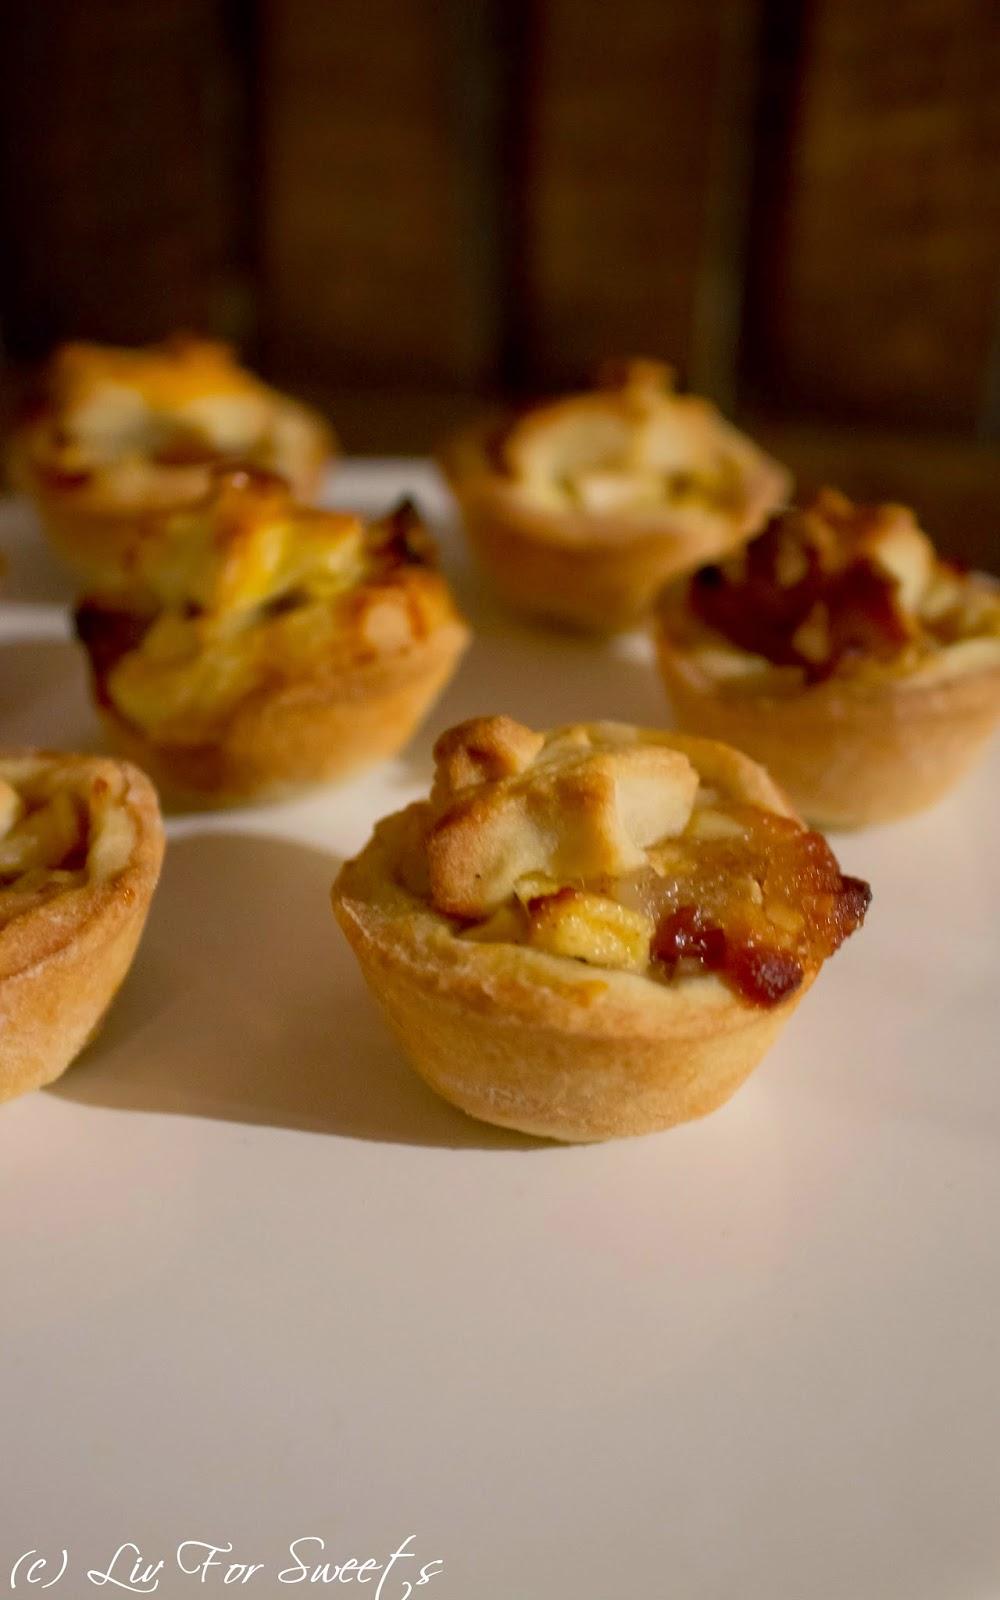 Rezept für weihnachtliche Mini Apple Pies, Mürbeteig mit Apfel, Mandel, Rosinen, Marzipan und Zimt, Rezept auch für den Thermomix, Mini-Muffinblech